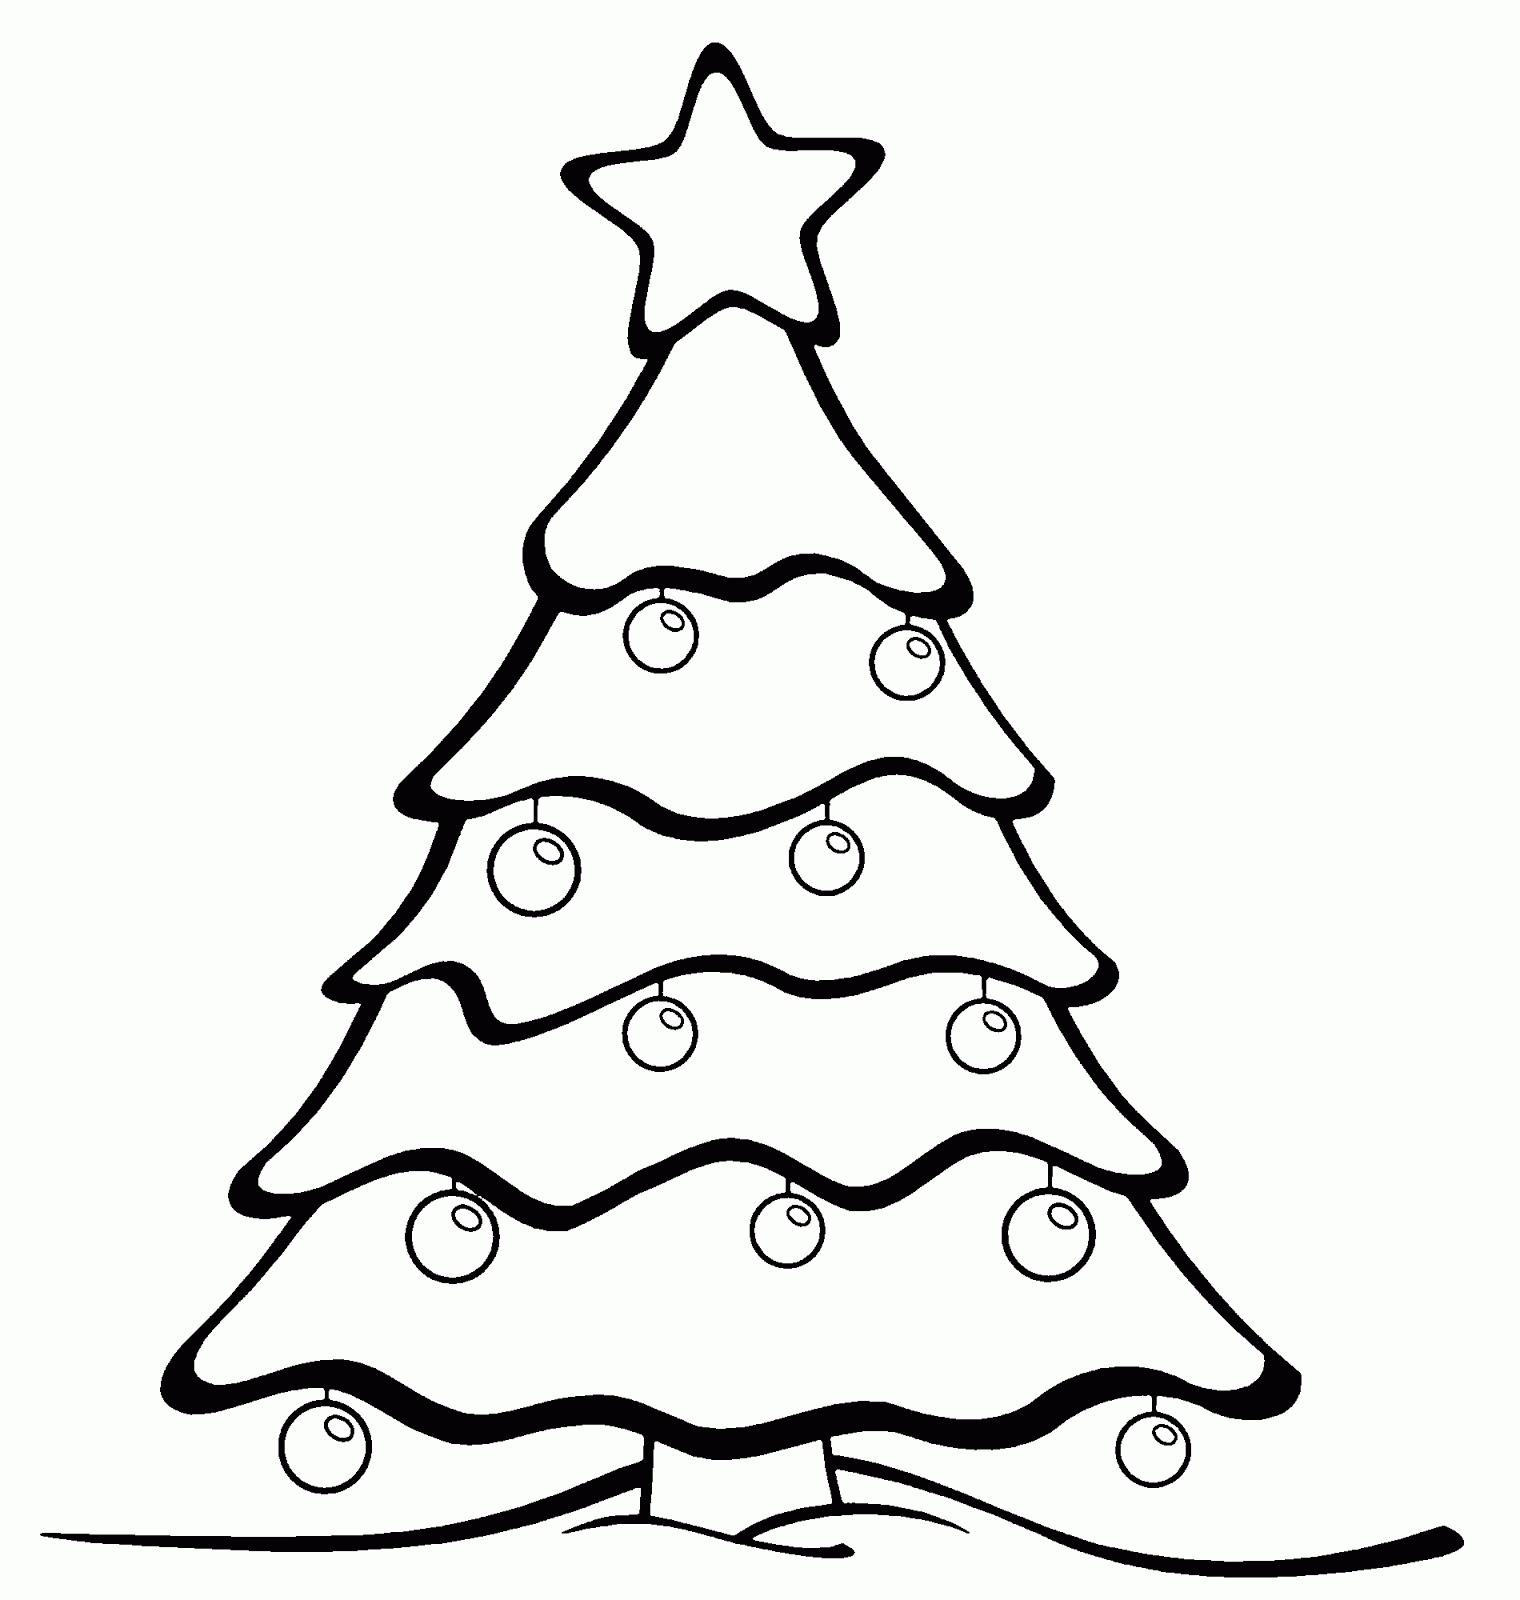 Dibujos de \u00c1rboles de Navidad para colorear e imprimir